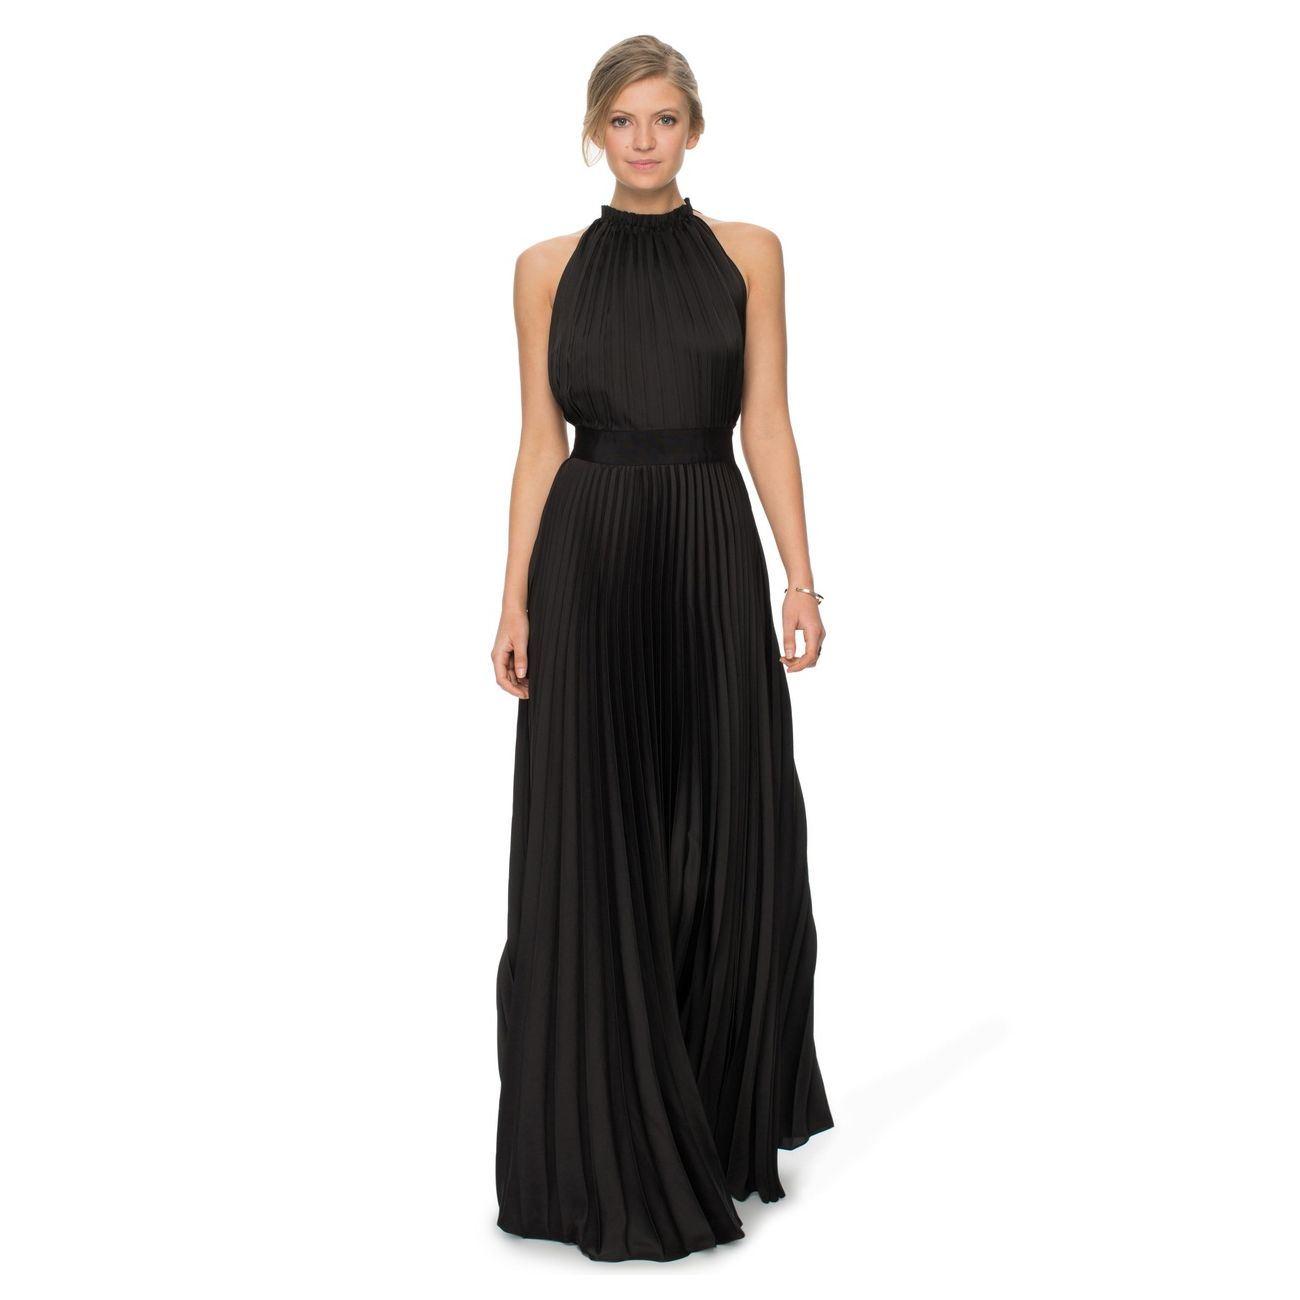 Estilizado y elegante Dress-Cut pliegue de tejido, 100% poliéster